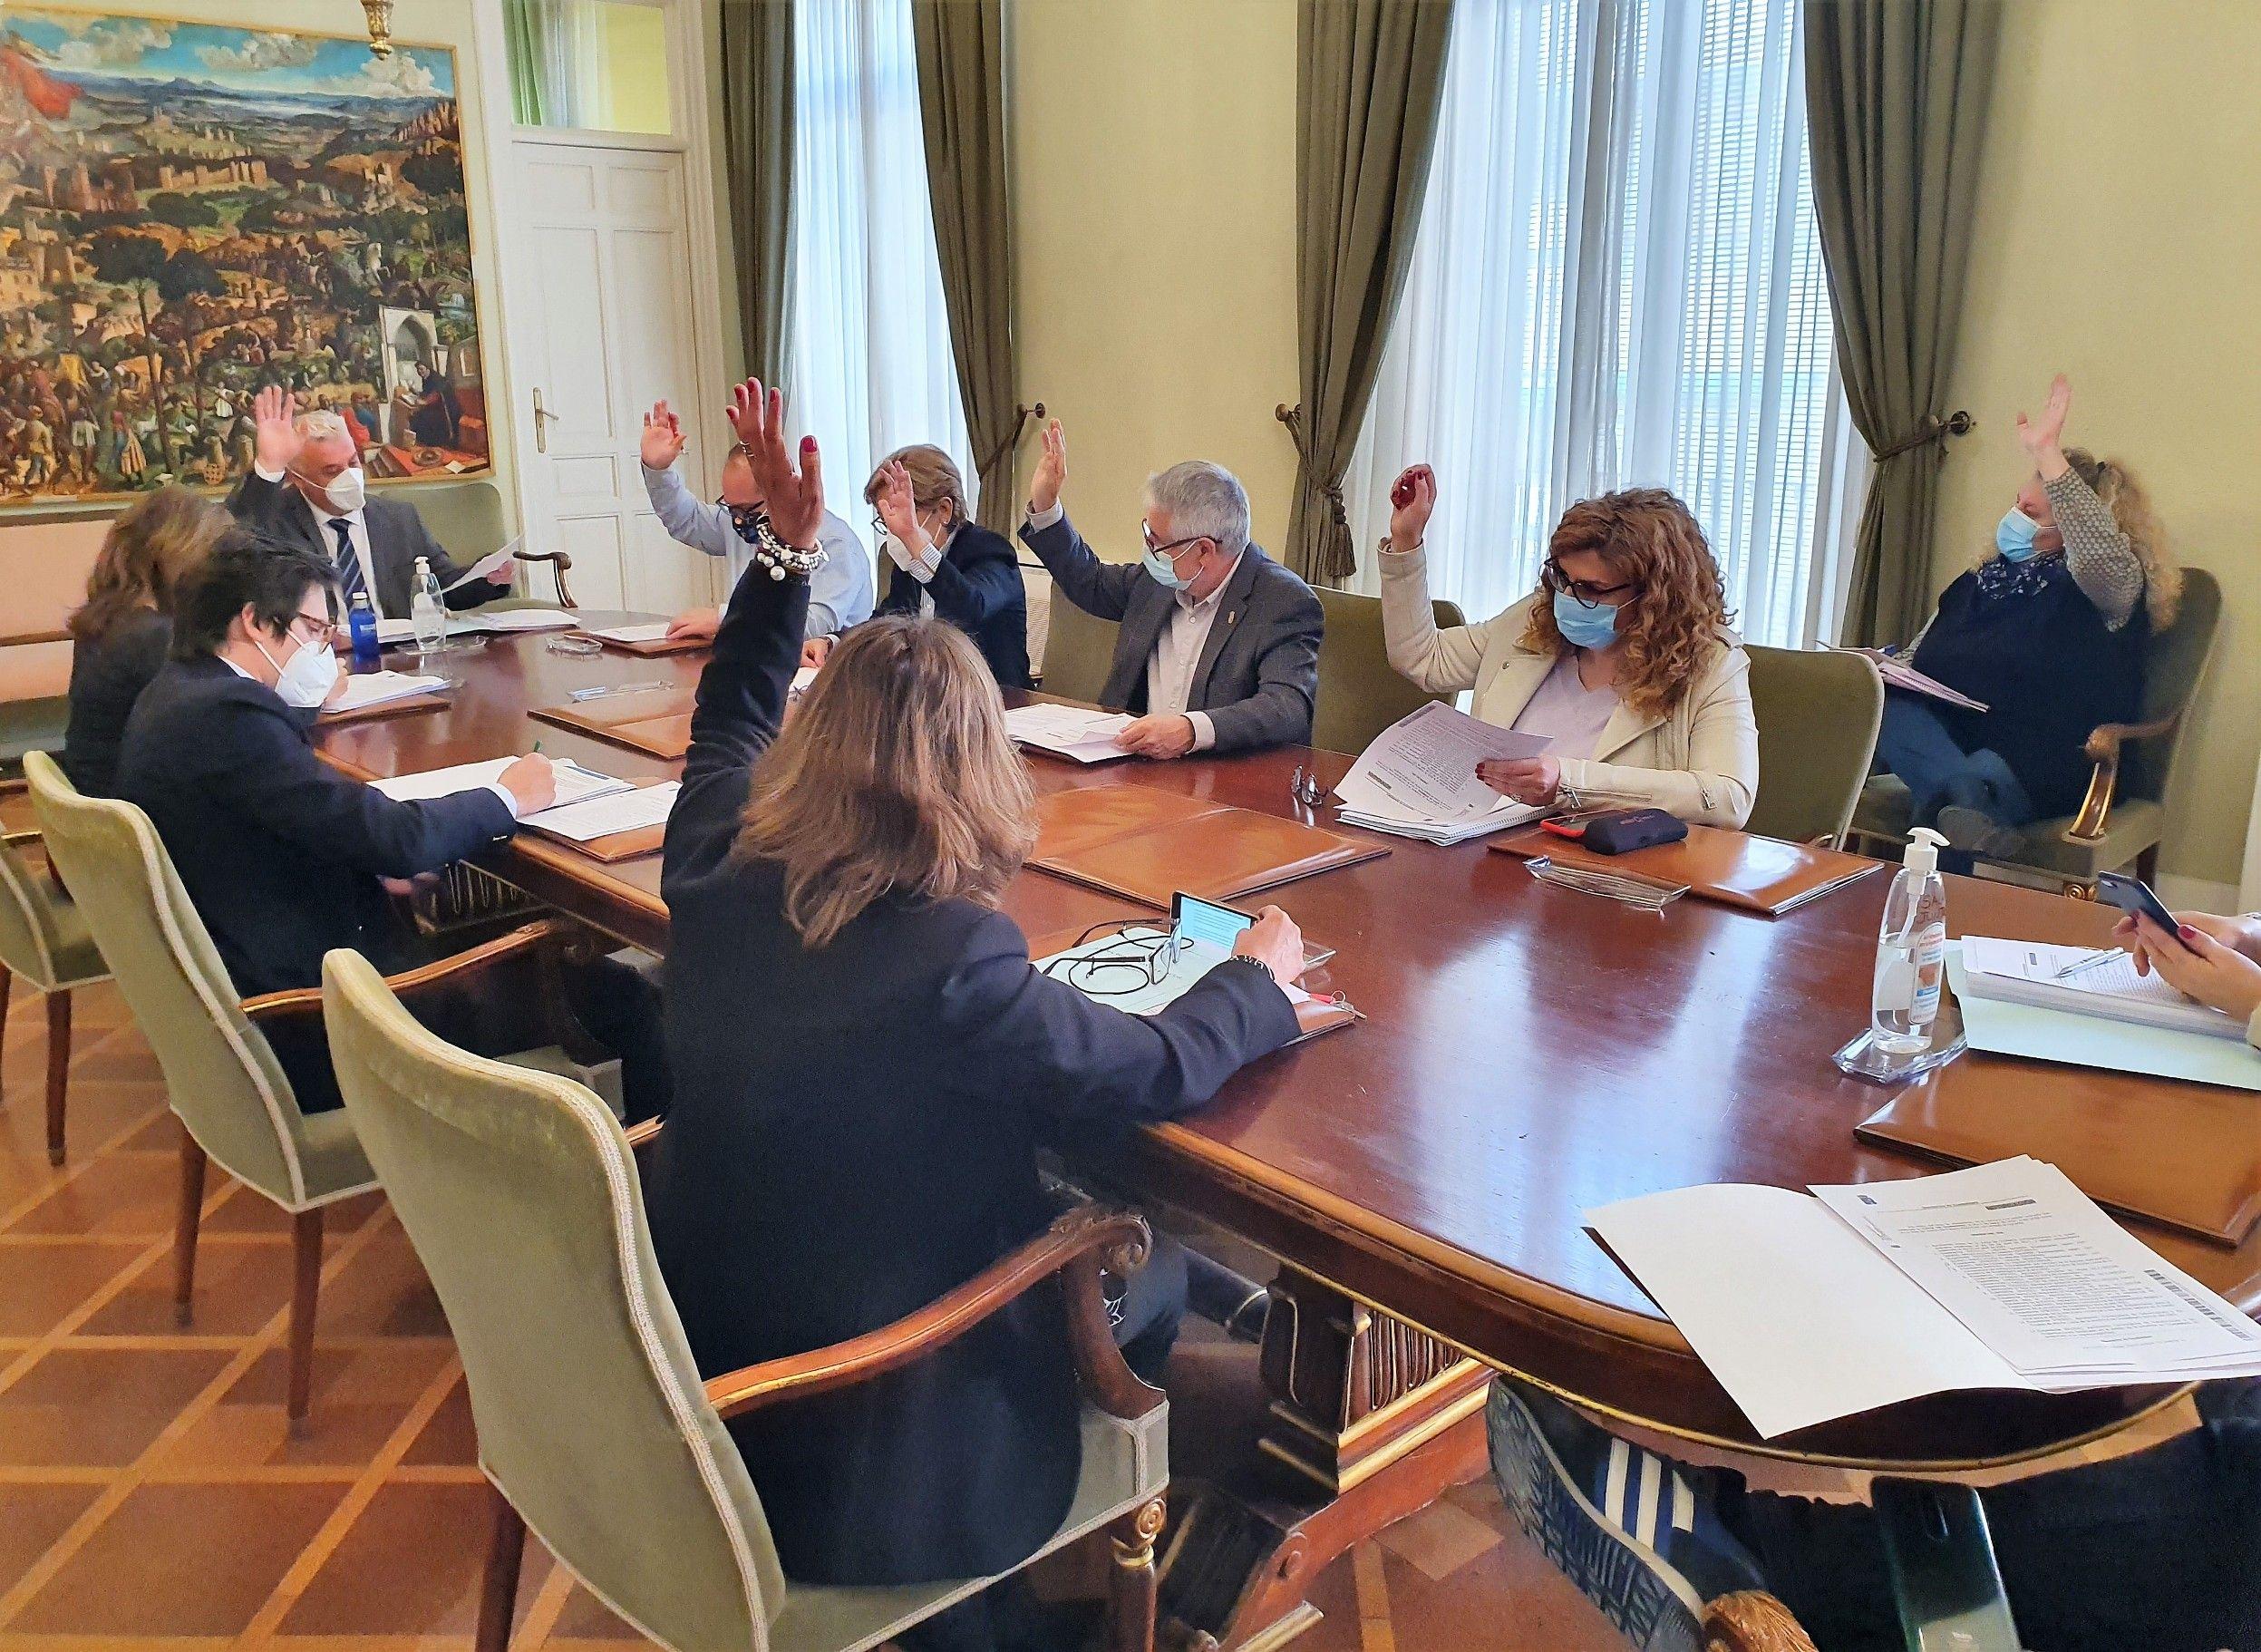 La Diputación convoca 94 plazas en la Residencia de Estudiantes para alumnos durante el curso 2021-2022